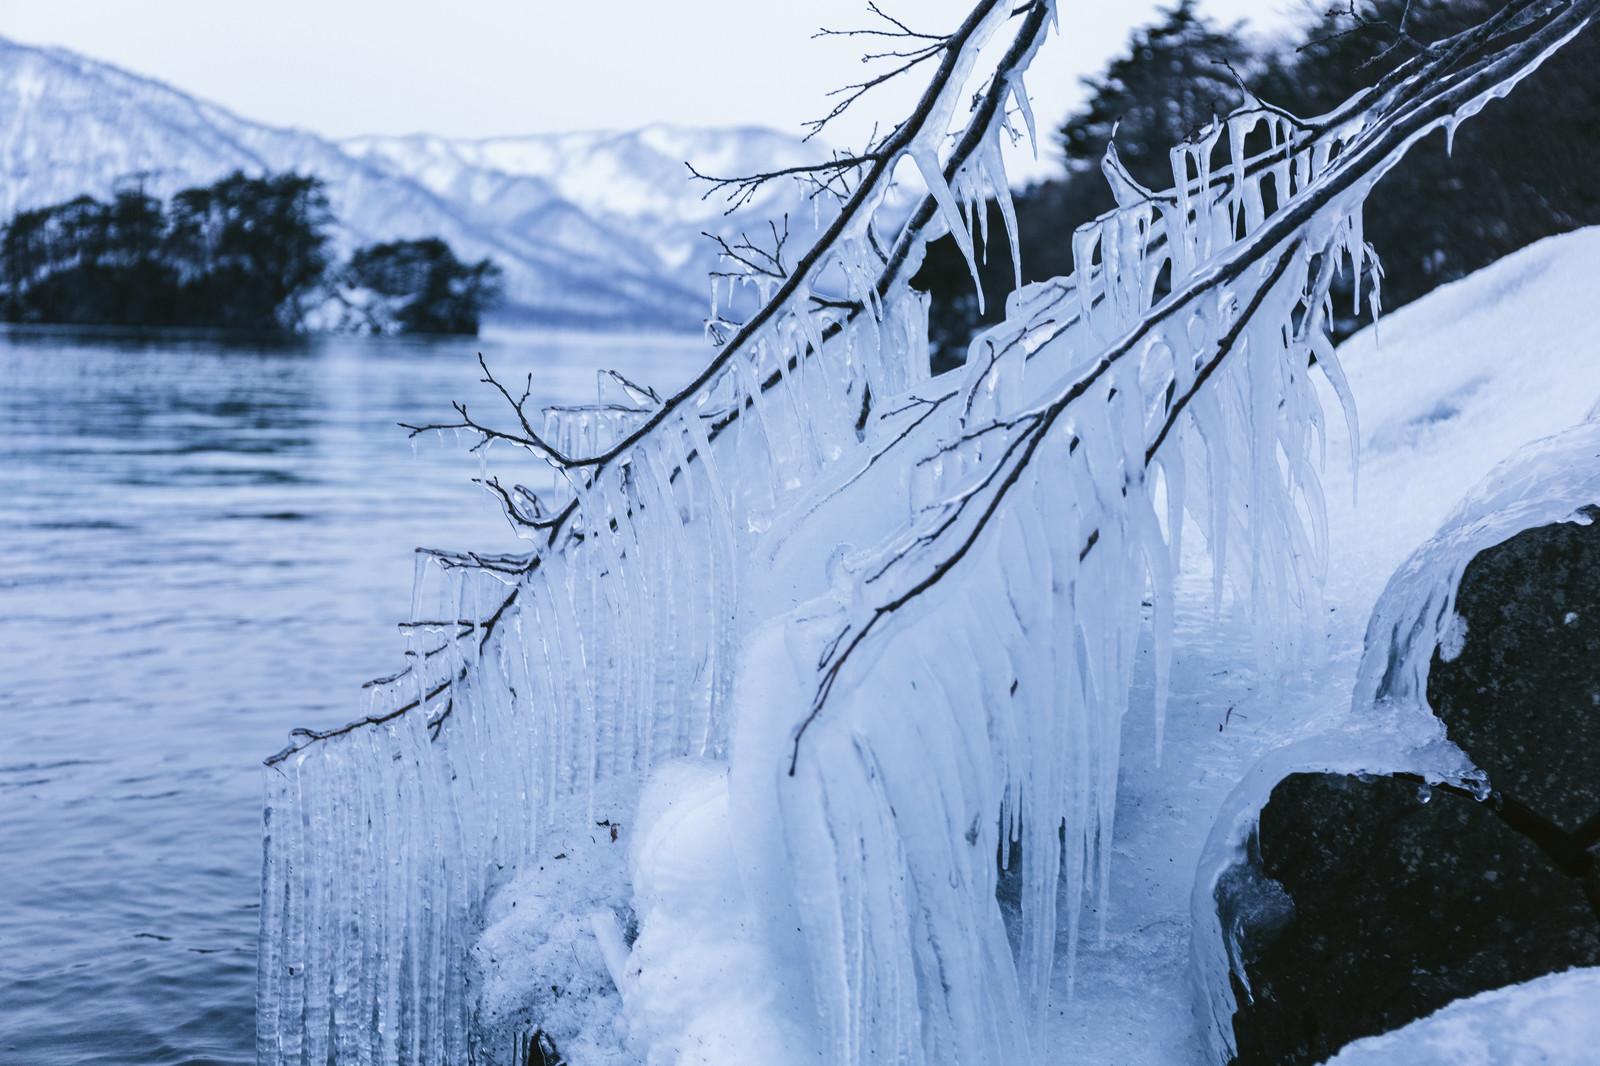 十和田湖冬物語は人気イベント!アクセス方法は?花火など見どころいっぱい!